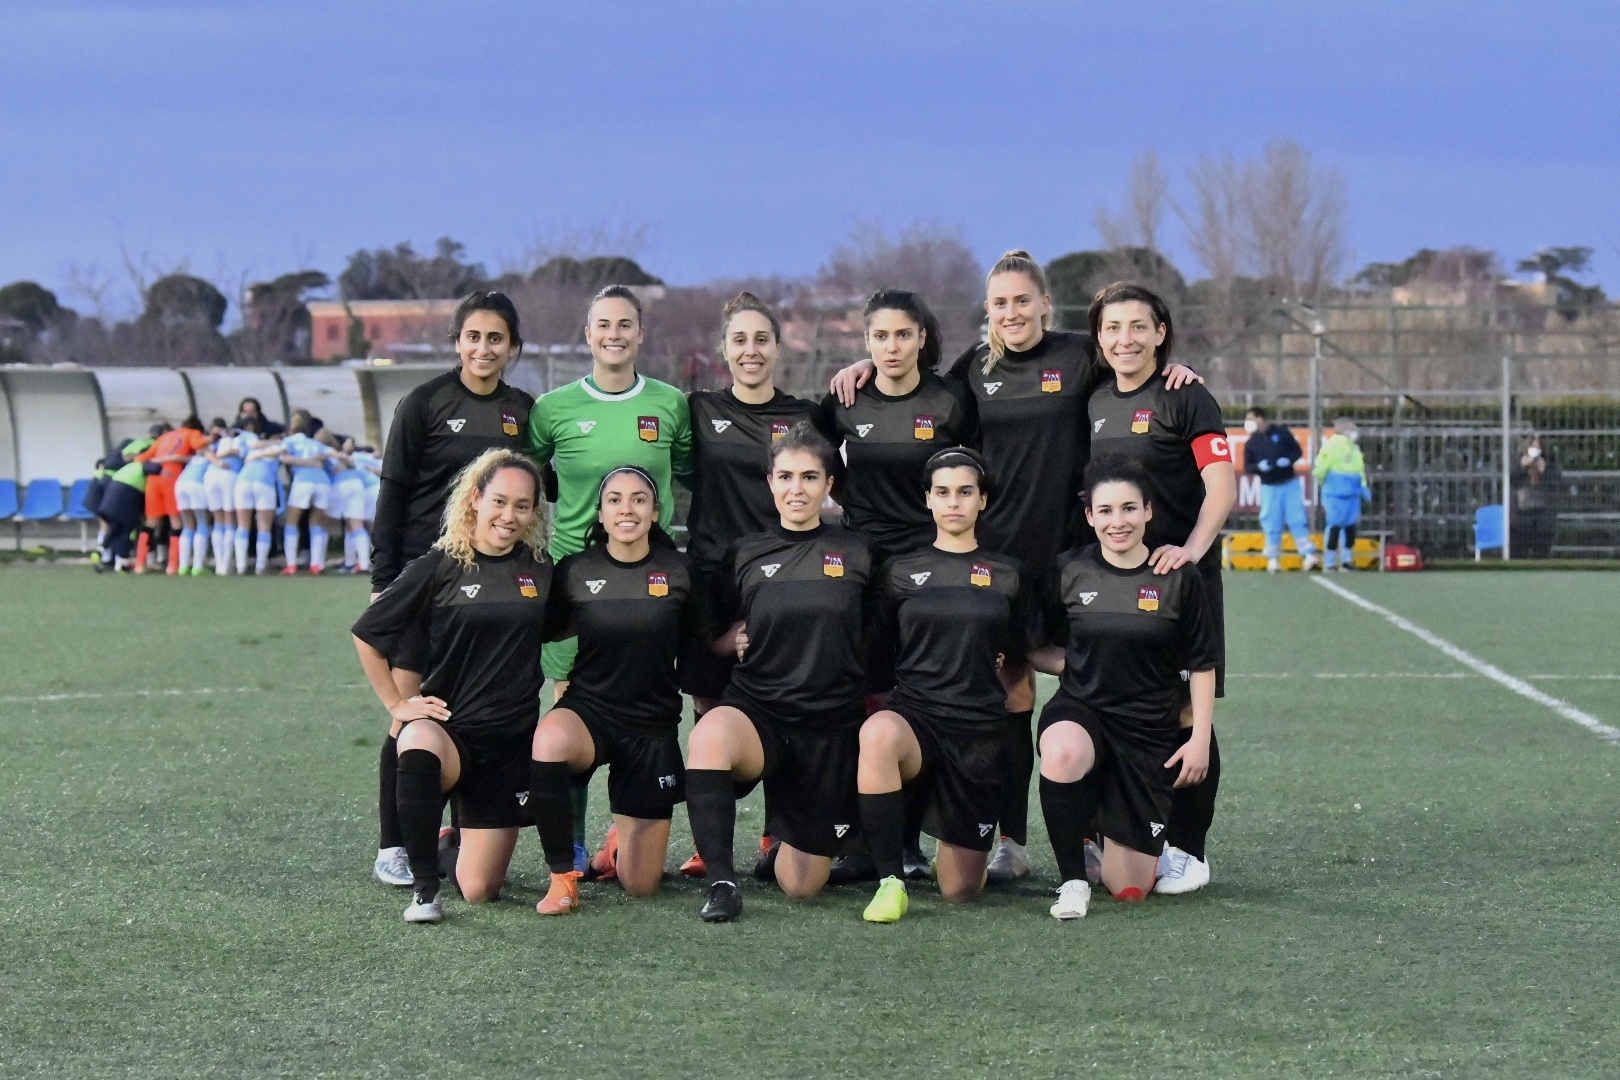 Riconoscimento internazionale alla Roma calcio